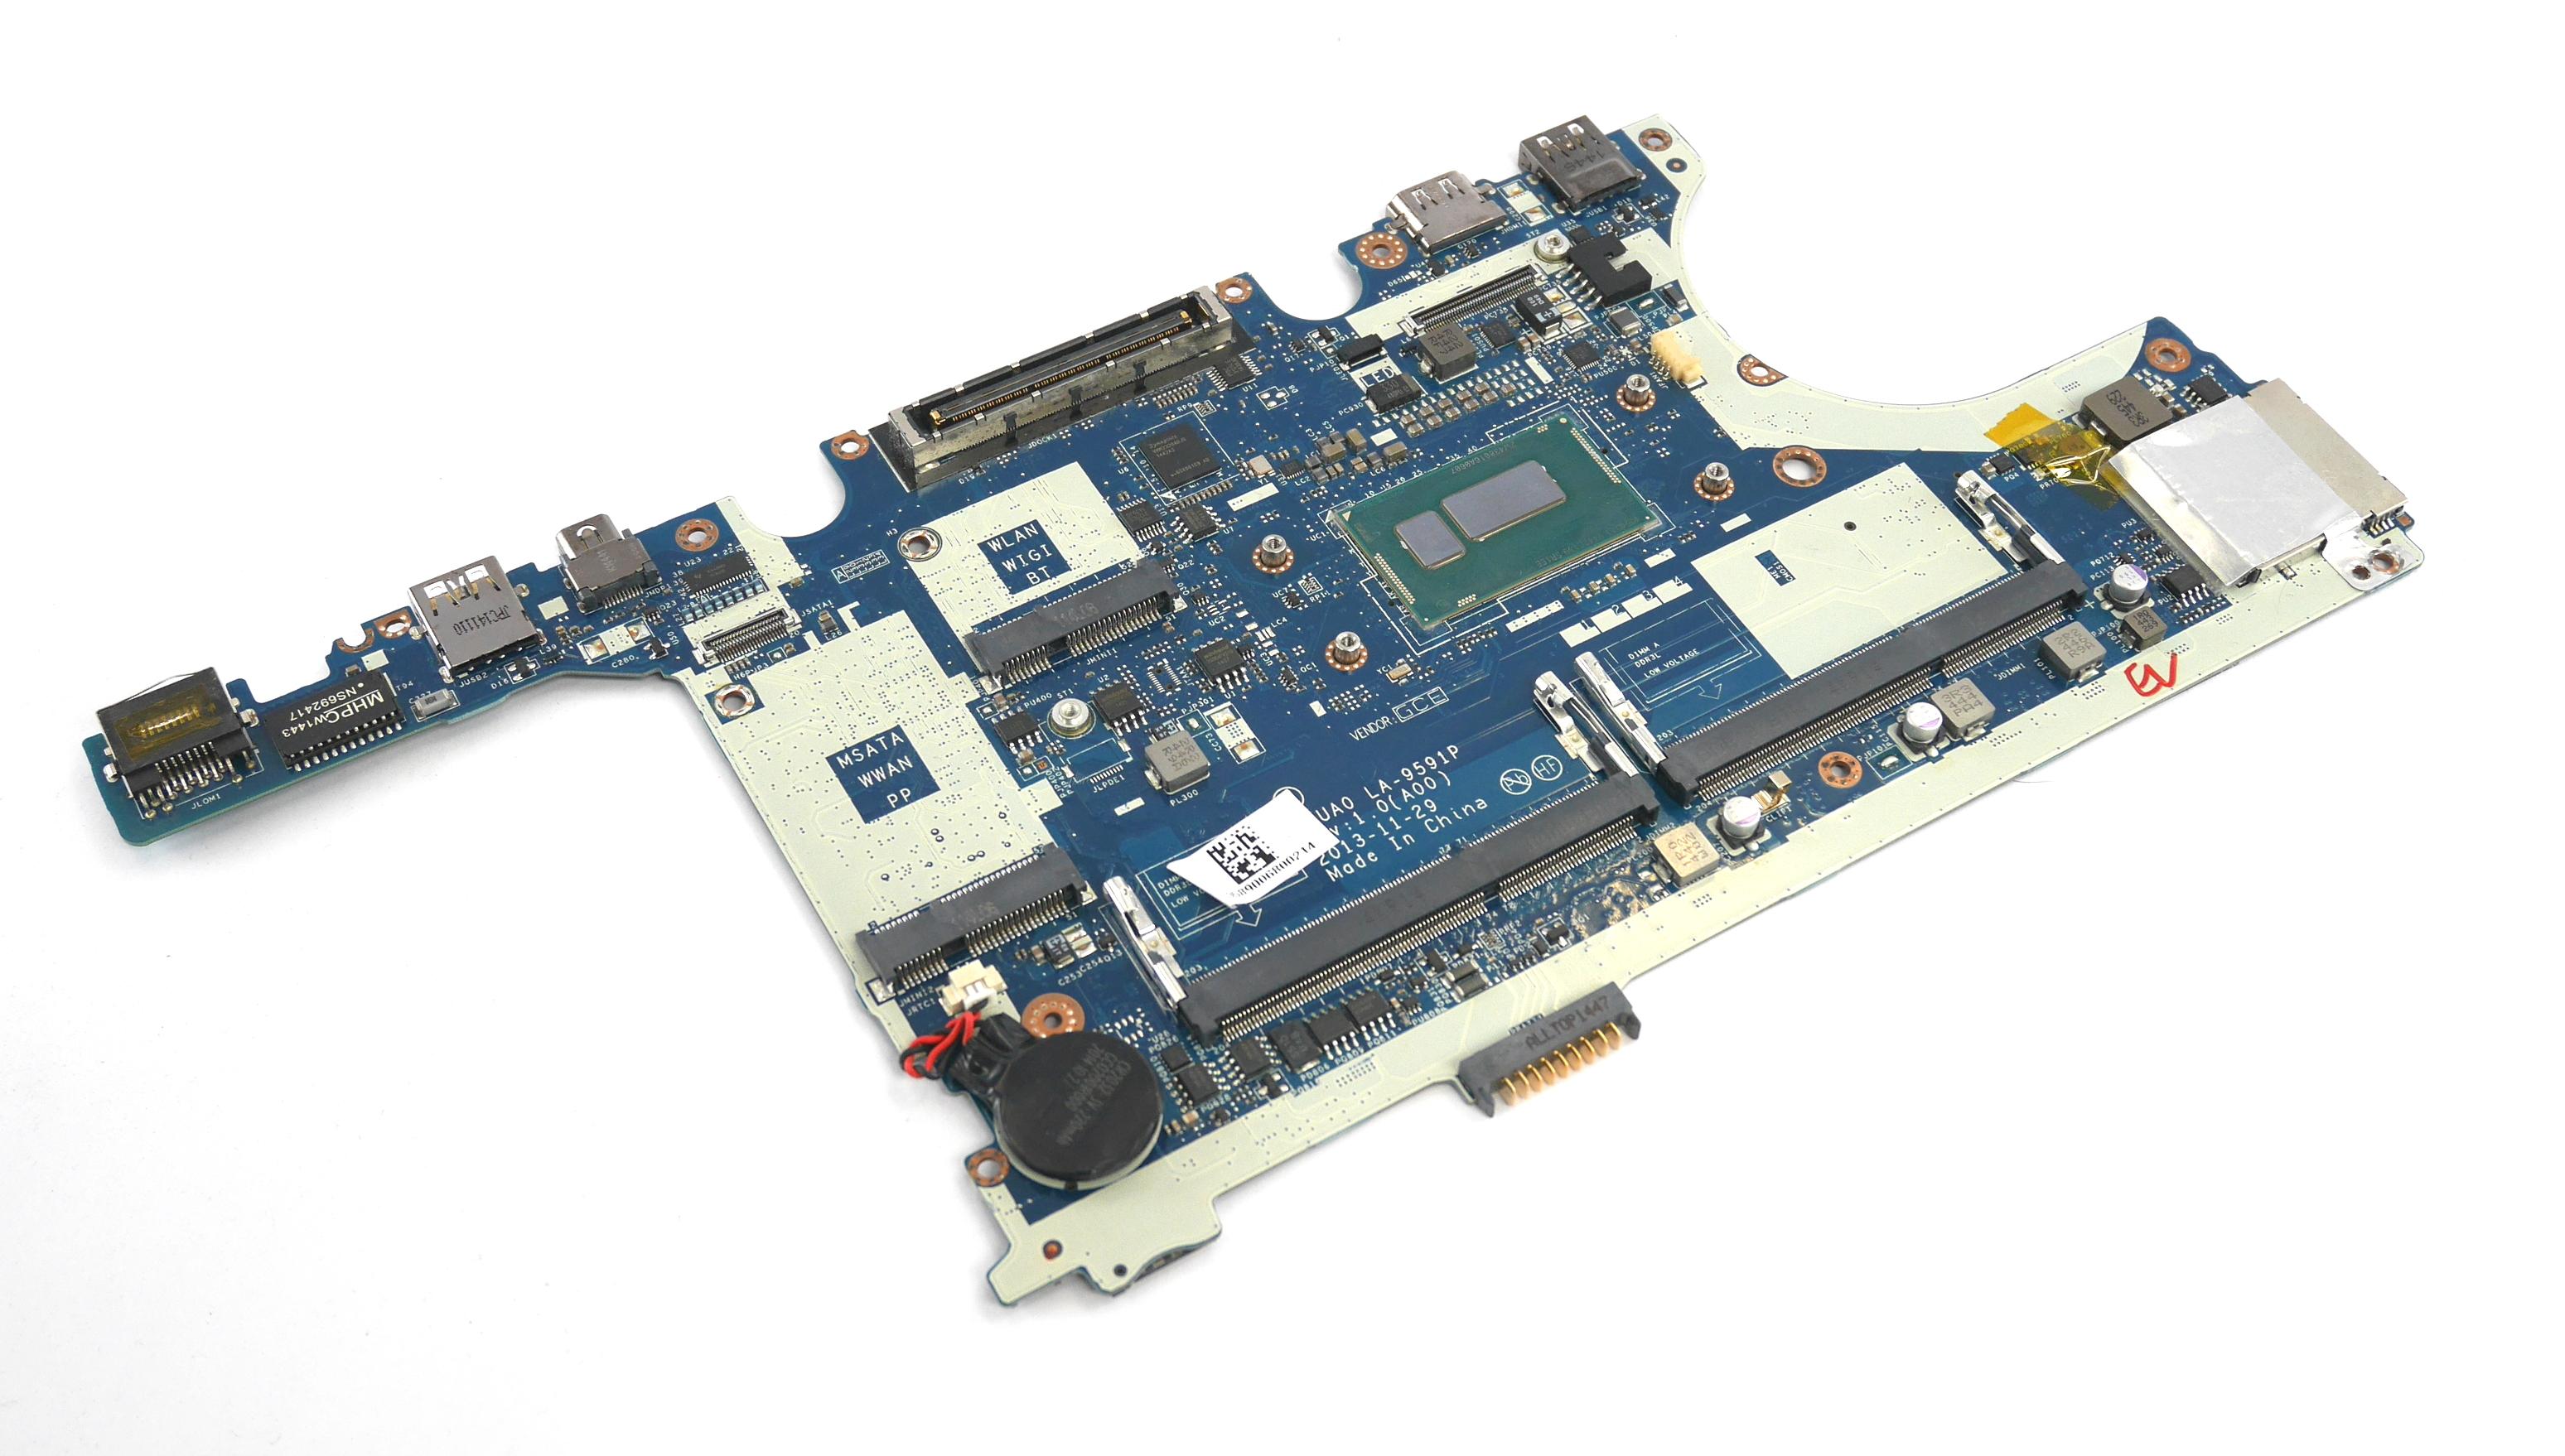 Dell P9C43 Latitude E7440 Motherboard with Intel Core i5-4310U Processor